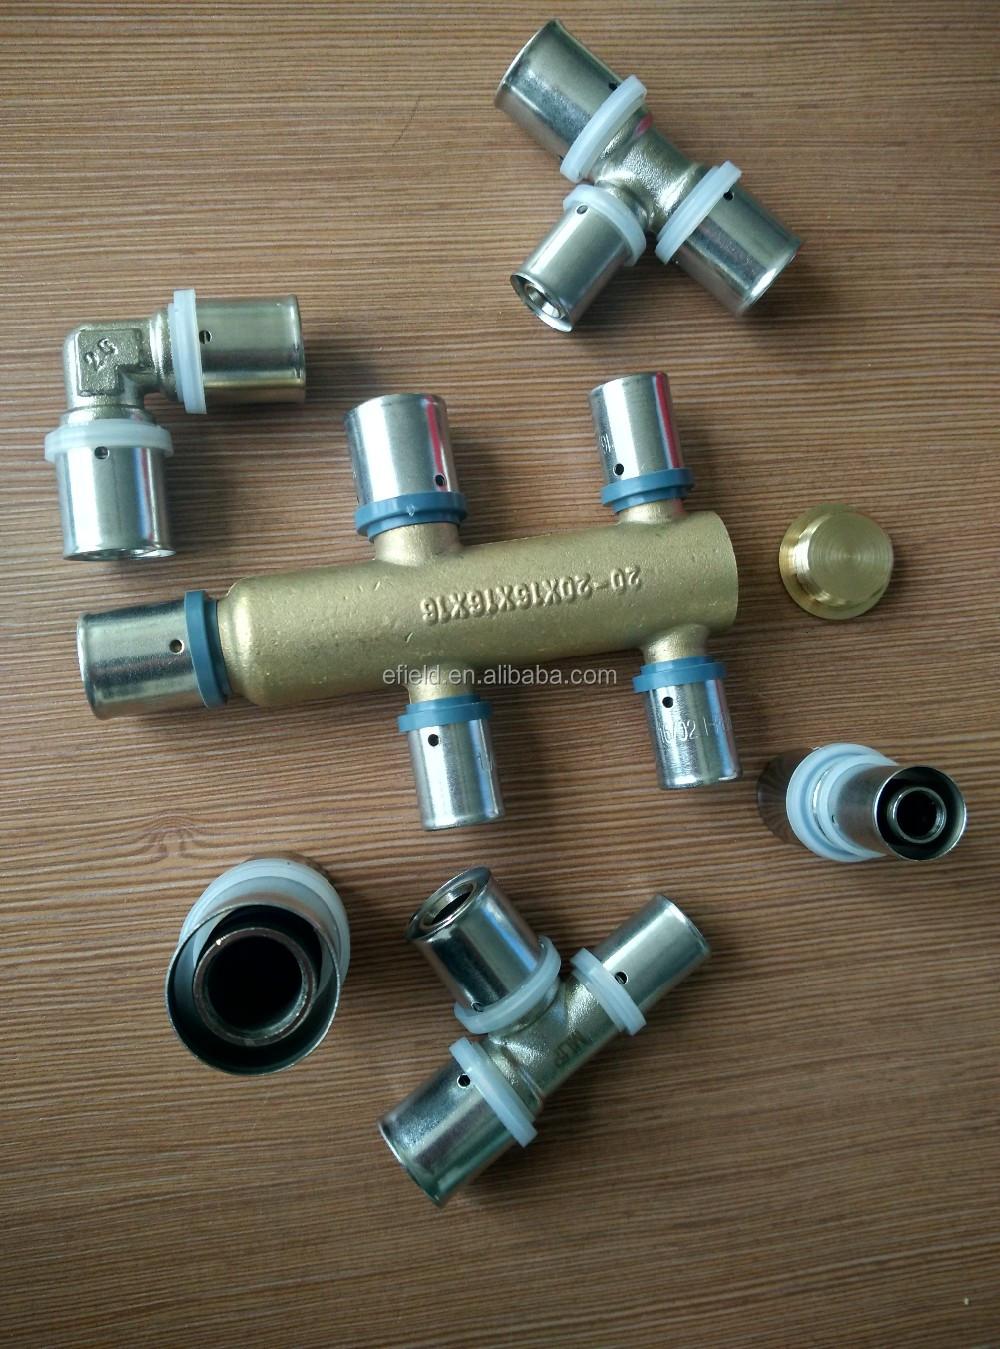 Brass fitting for pex pipe copper al